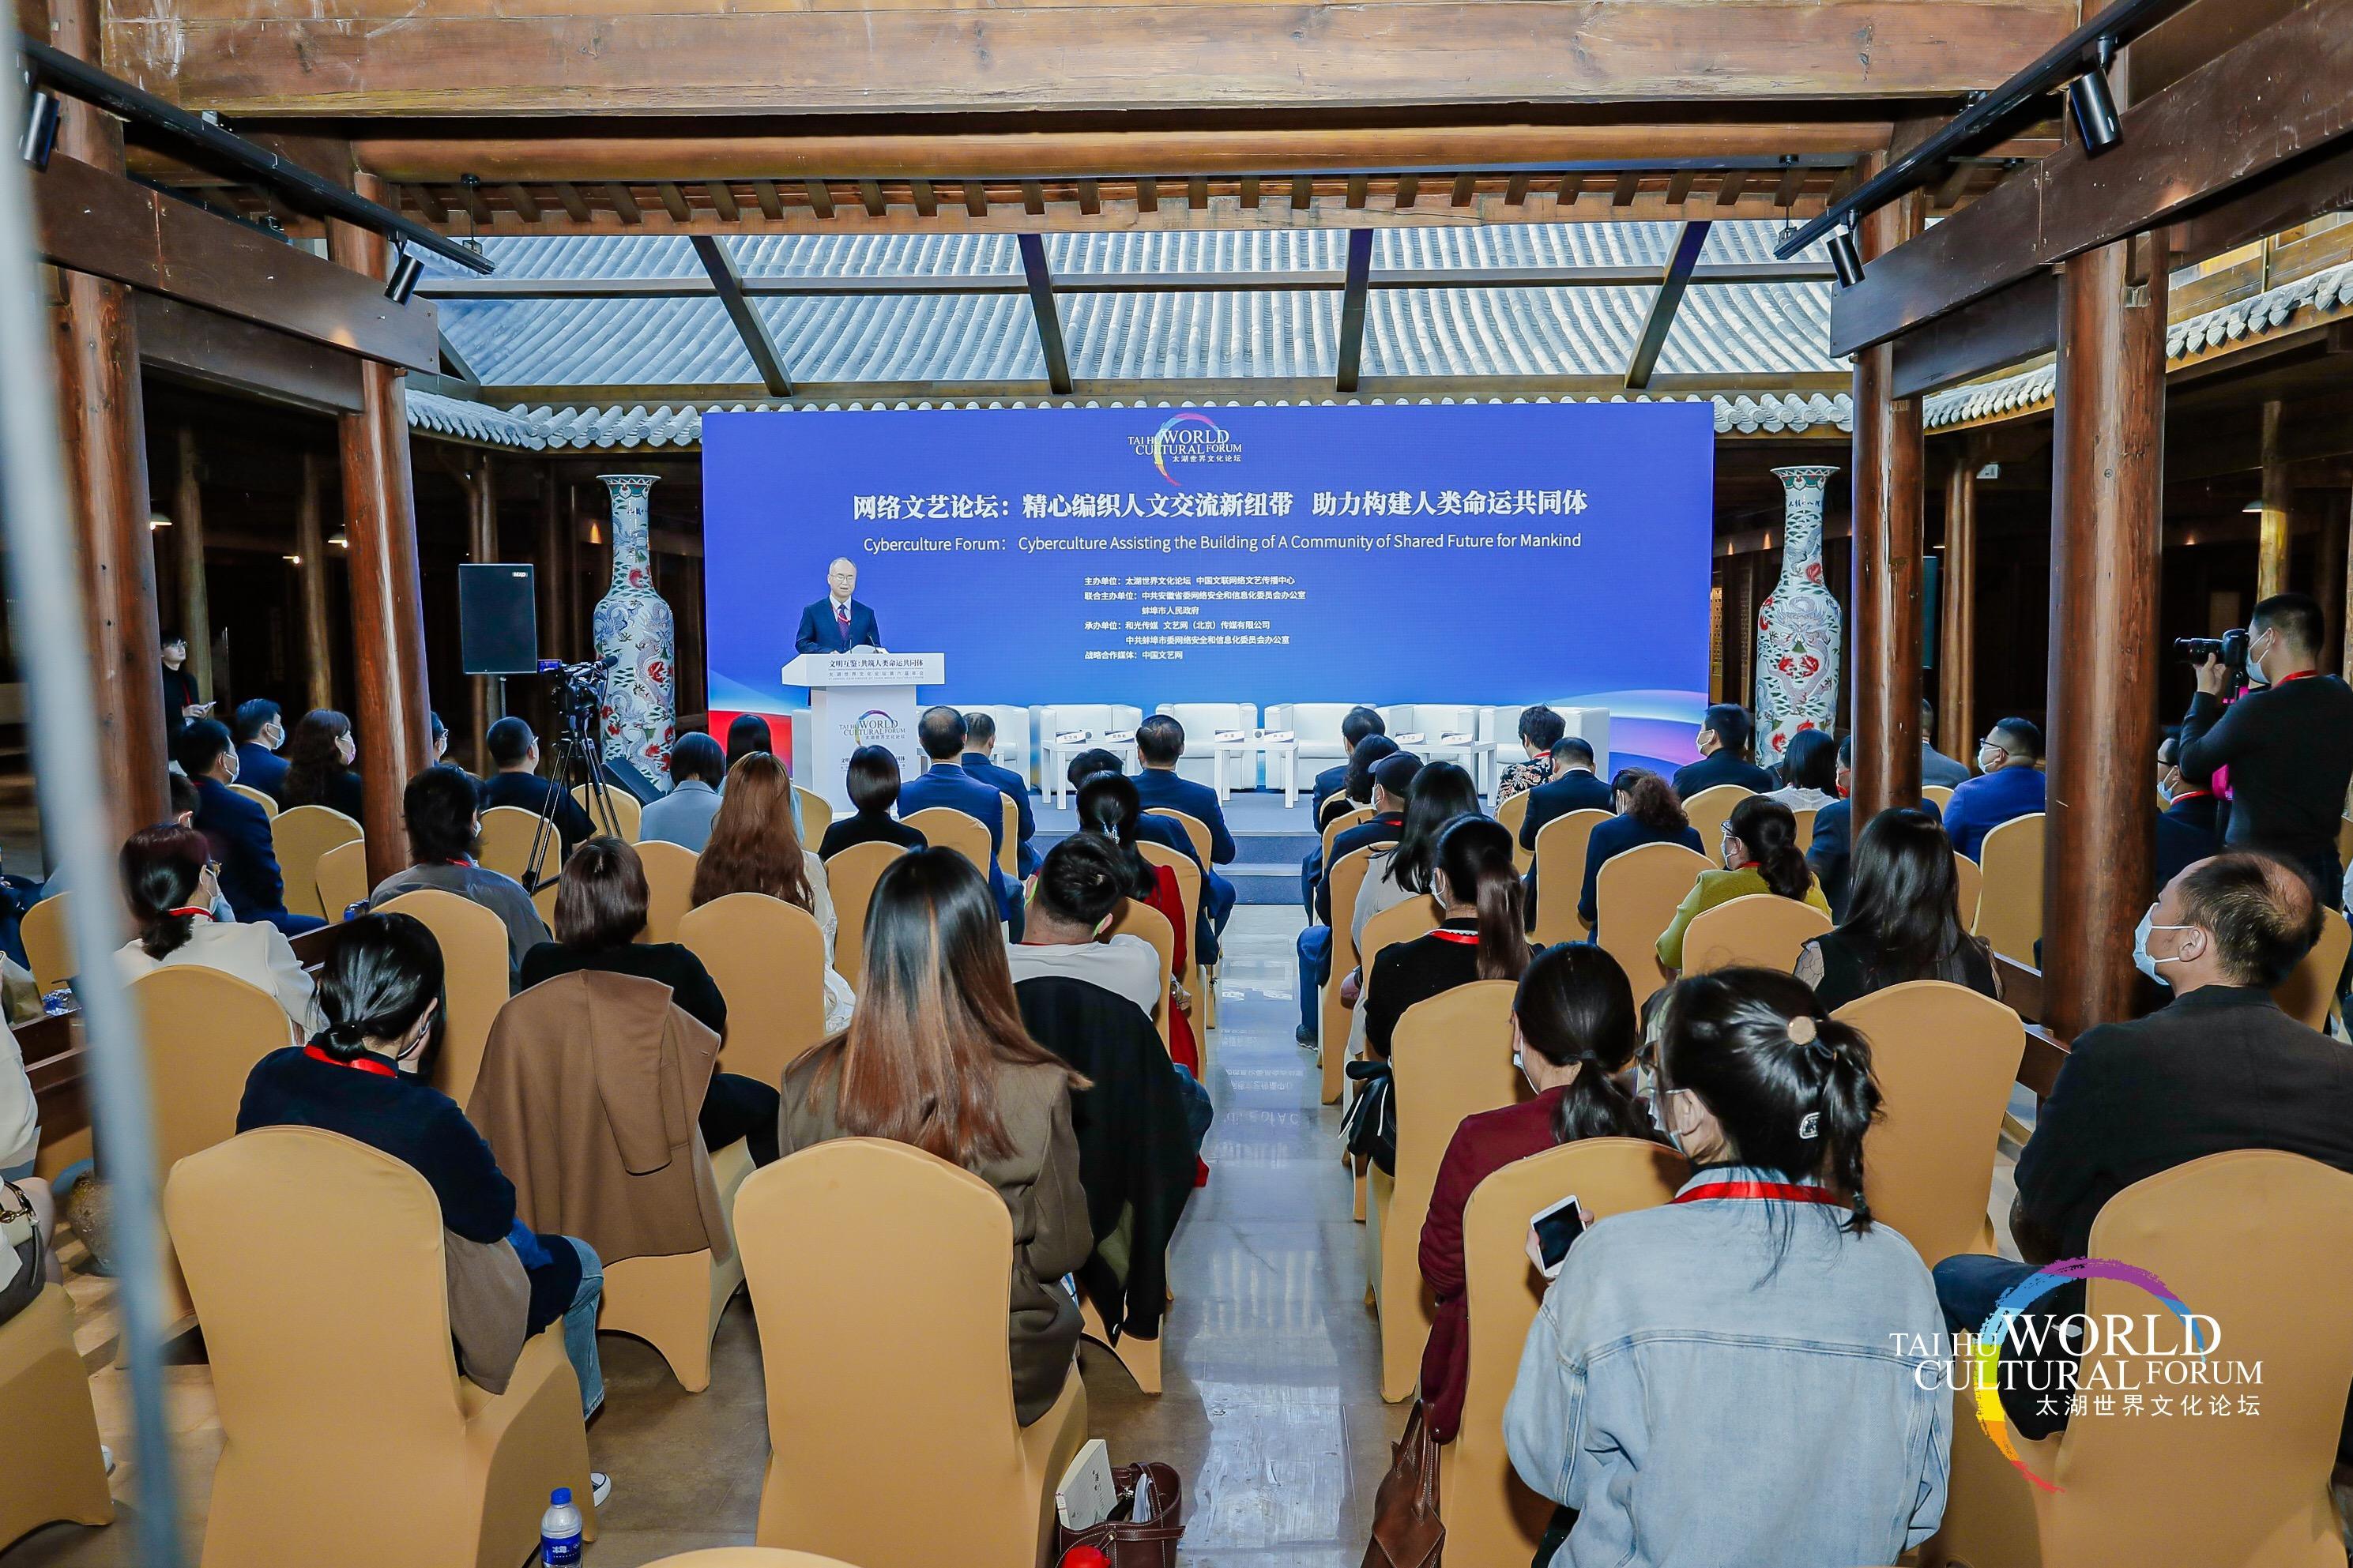 太湖世界文化论坛首届网络文艺论坛在安徽蚌埠举办